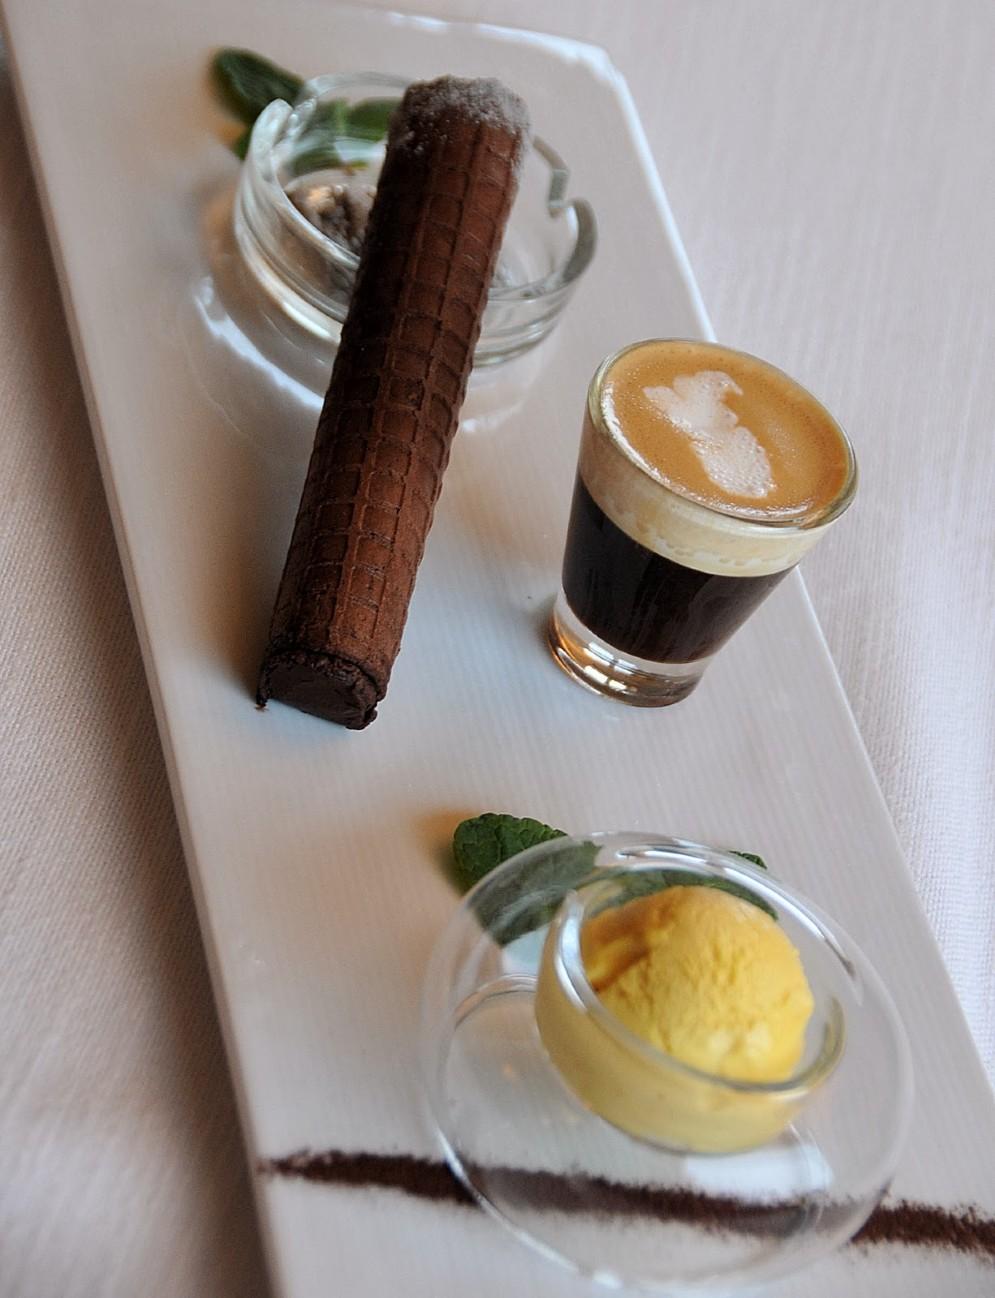 Vizi e capricci ; un dessert che è anche una dichiarazione di intenti